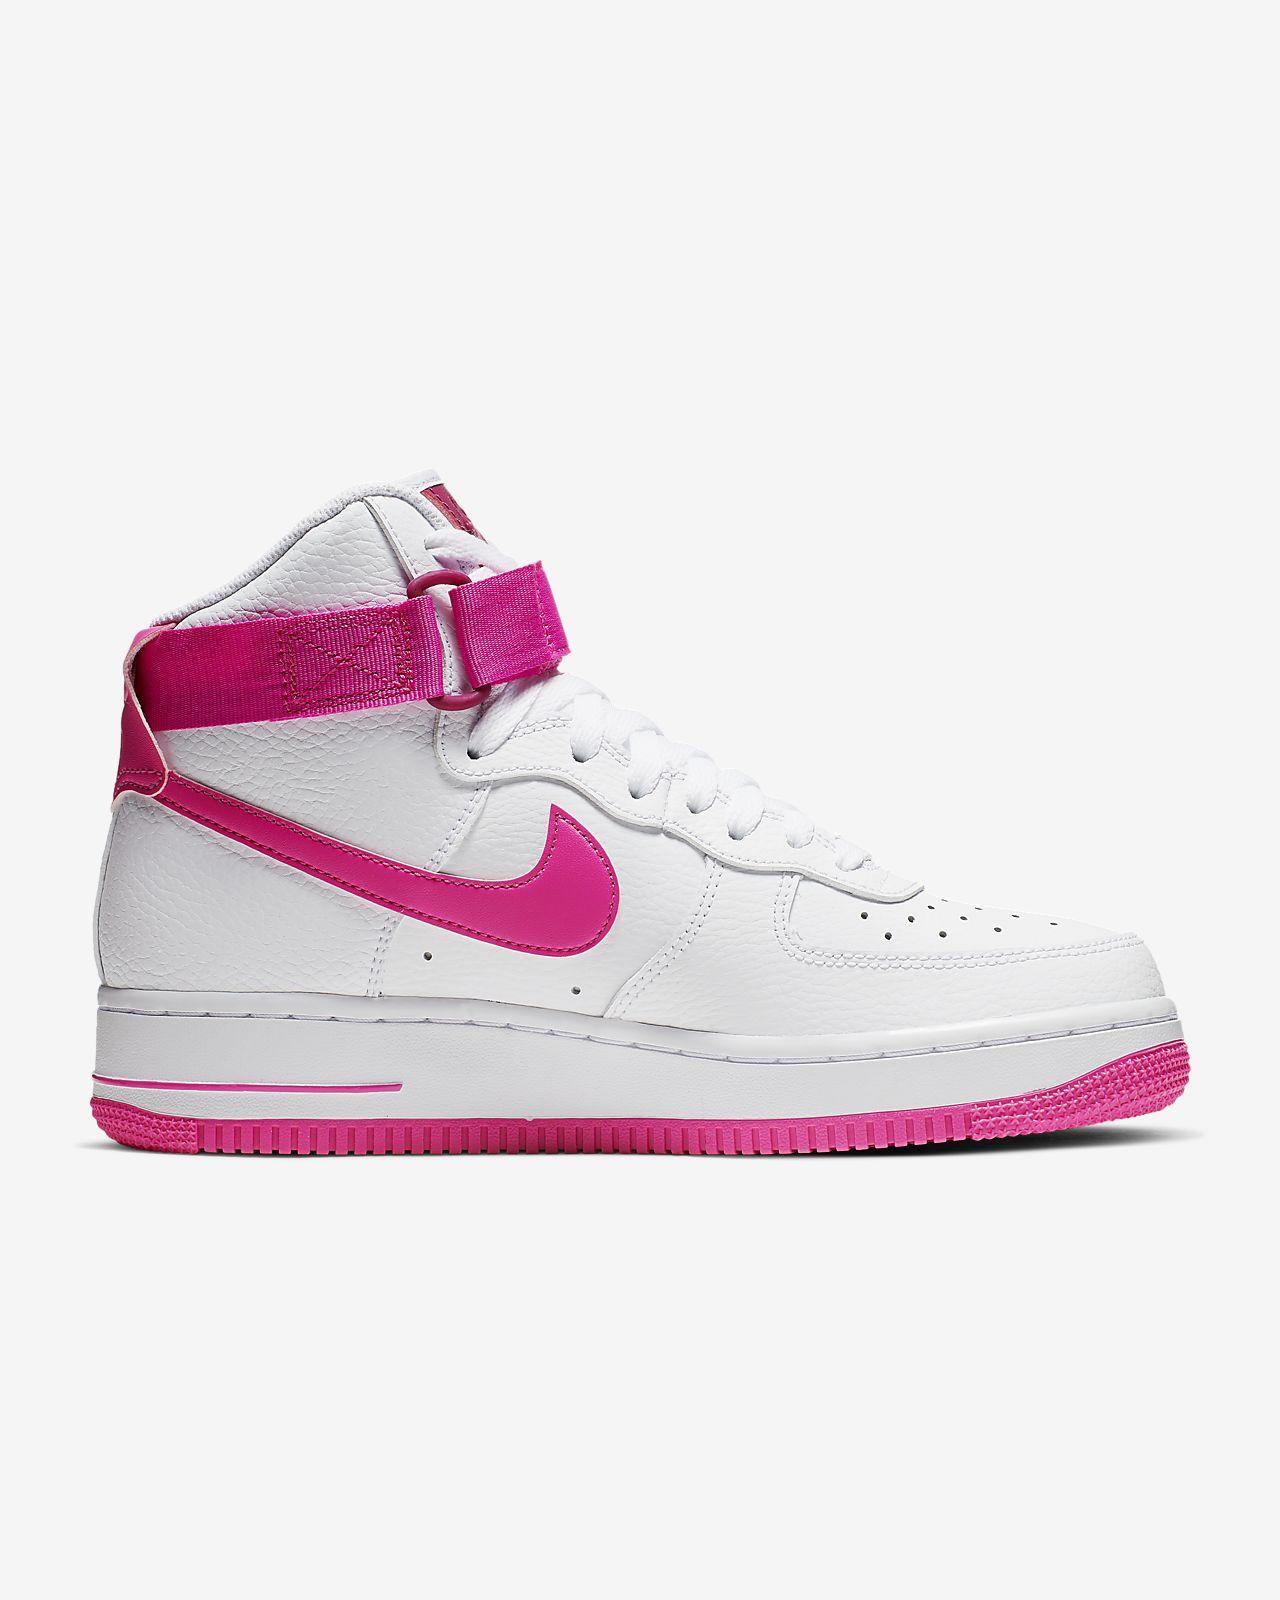 new arrival 0885a 9a21a ... Sko Nike Air Force 1 High 08 LE för kvinnor